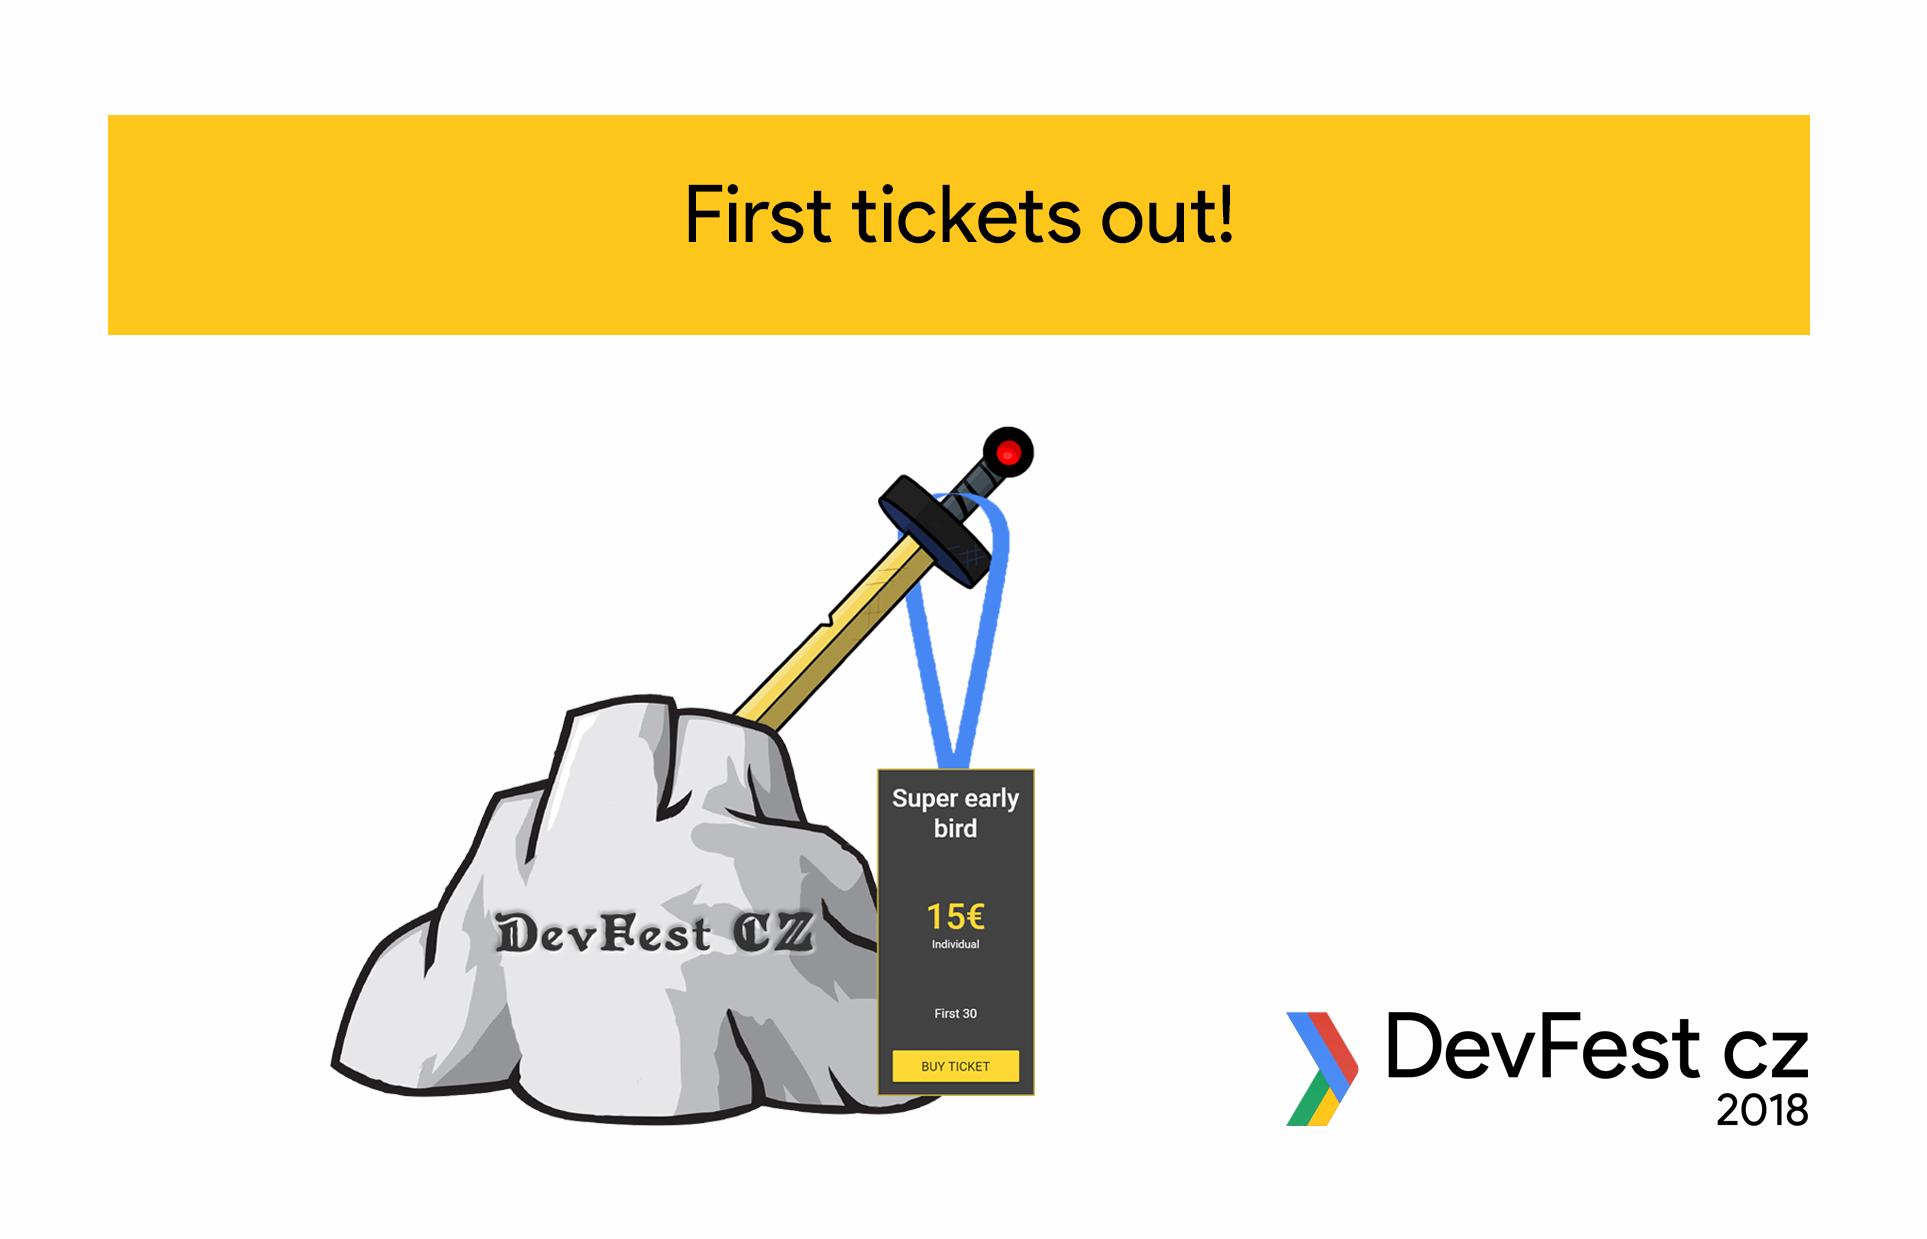 DevFest CZ – začínají se prodávat Super early bird lístky